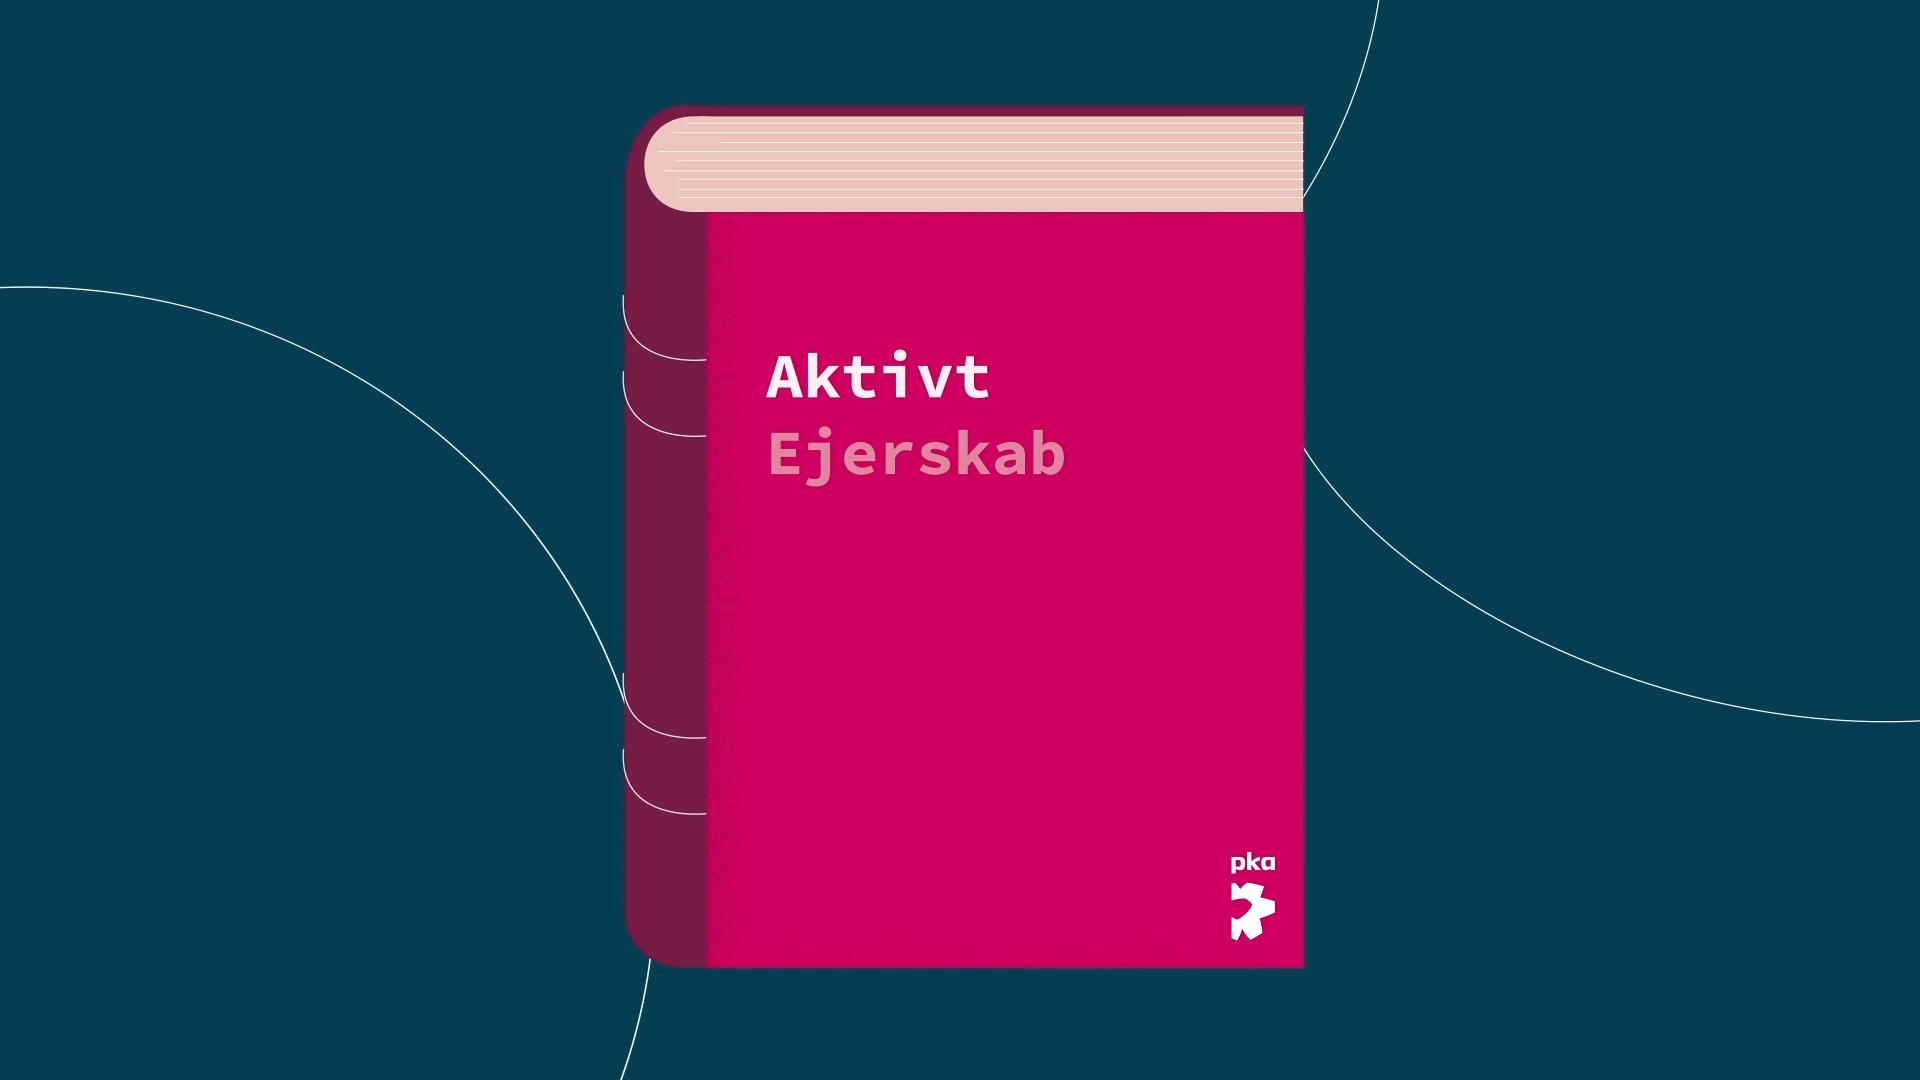 PKA_aktivt-ejerskab-02 (0-01-48-23)